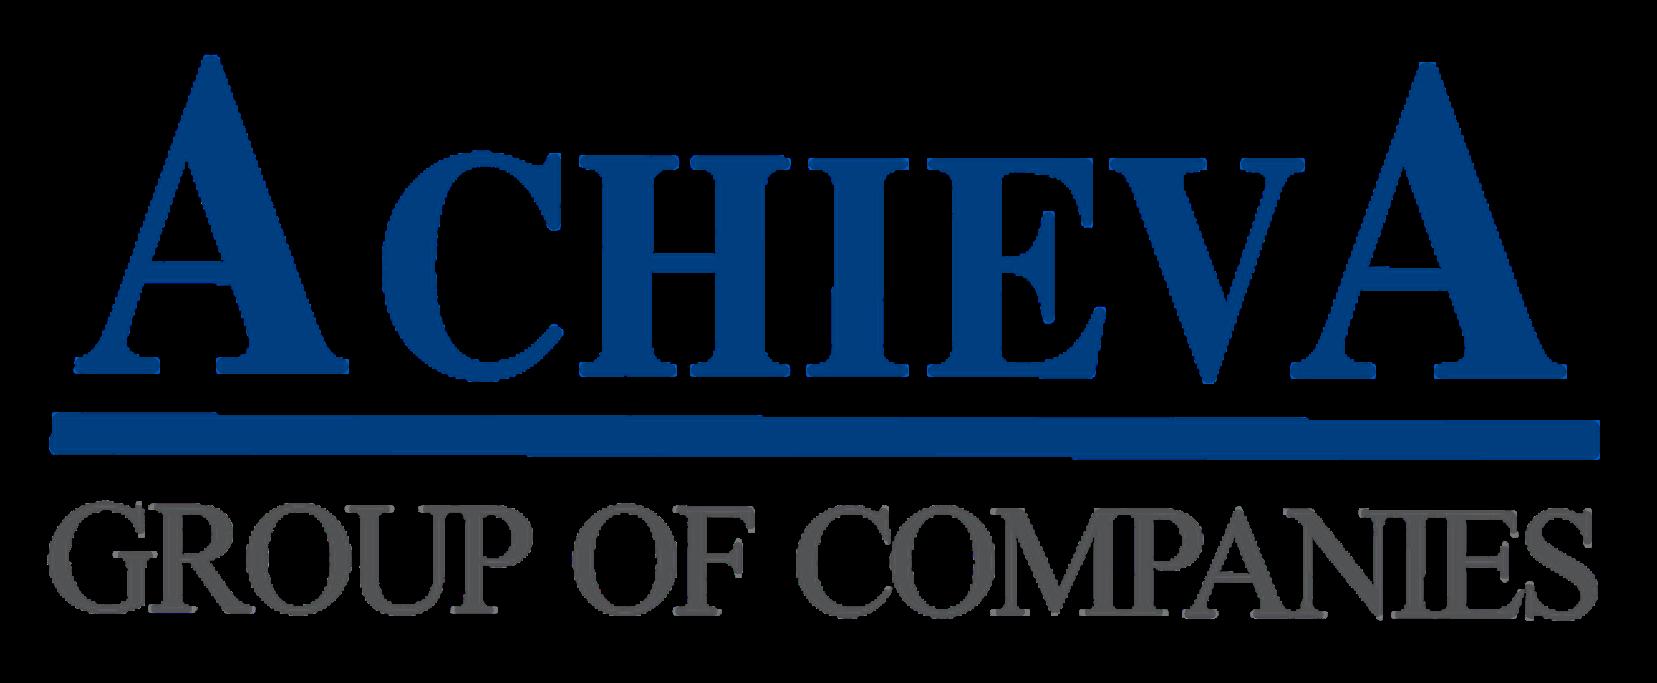 Achieva Logo Hi Res Transparent